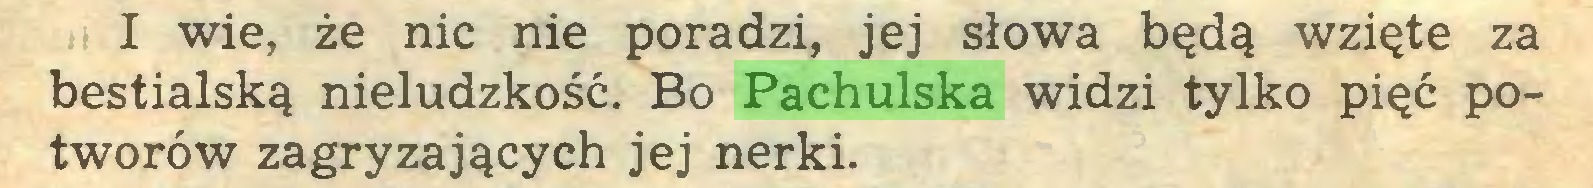 (...) I wie, że nic nie poradzi, jej słowa będą wzięte za bestialską nieludzkość. Bo Pachulska widzi tylko pięć potworów zagryzających jej nerki...